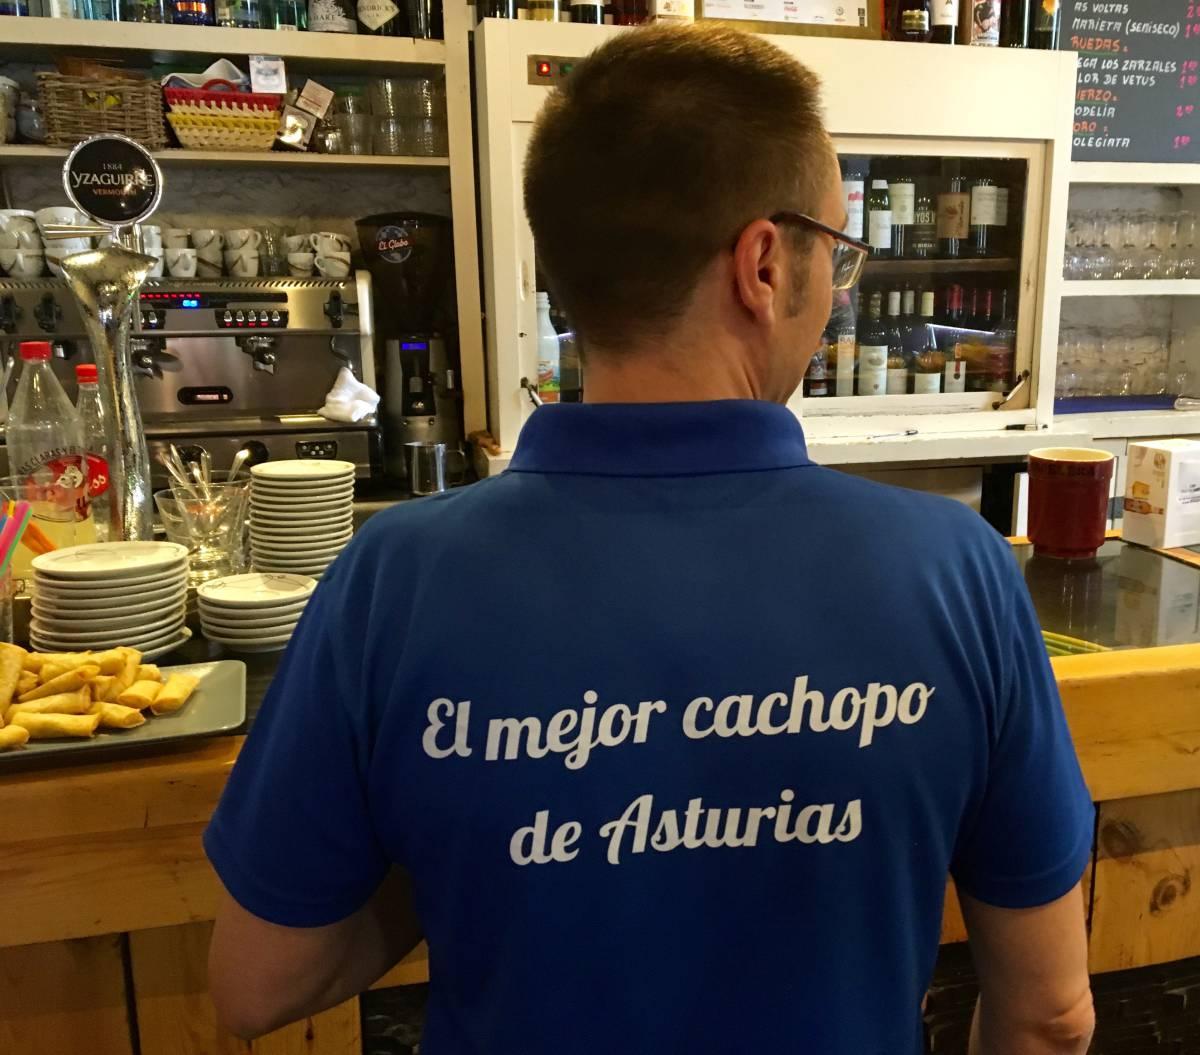 Cachopo asturiano en Las Tablas del Campillín